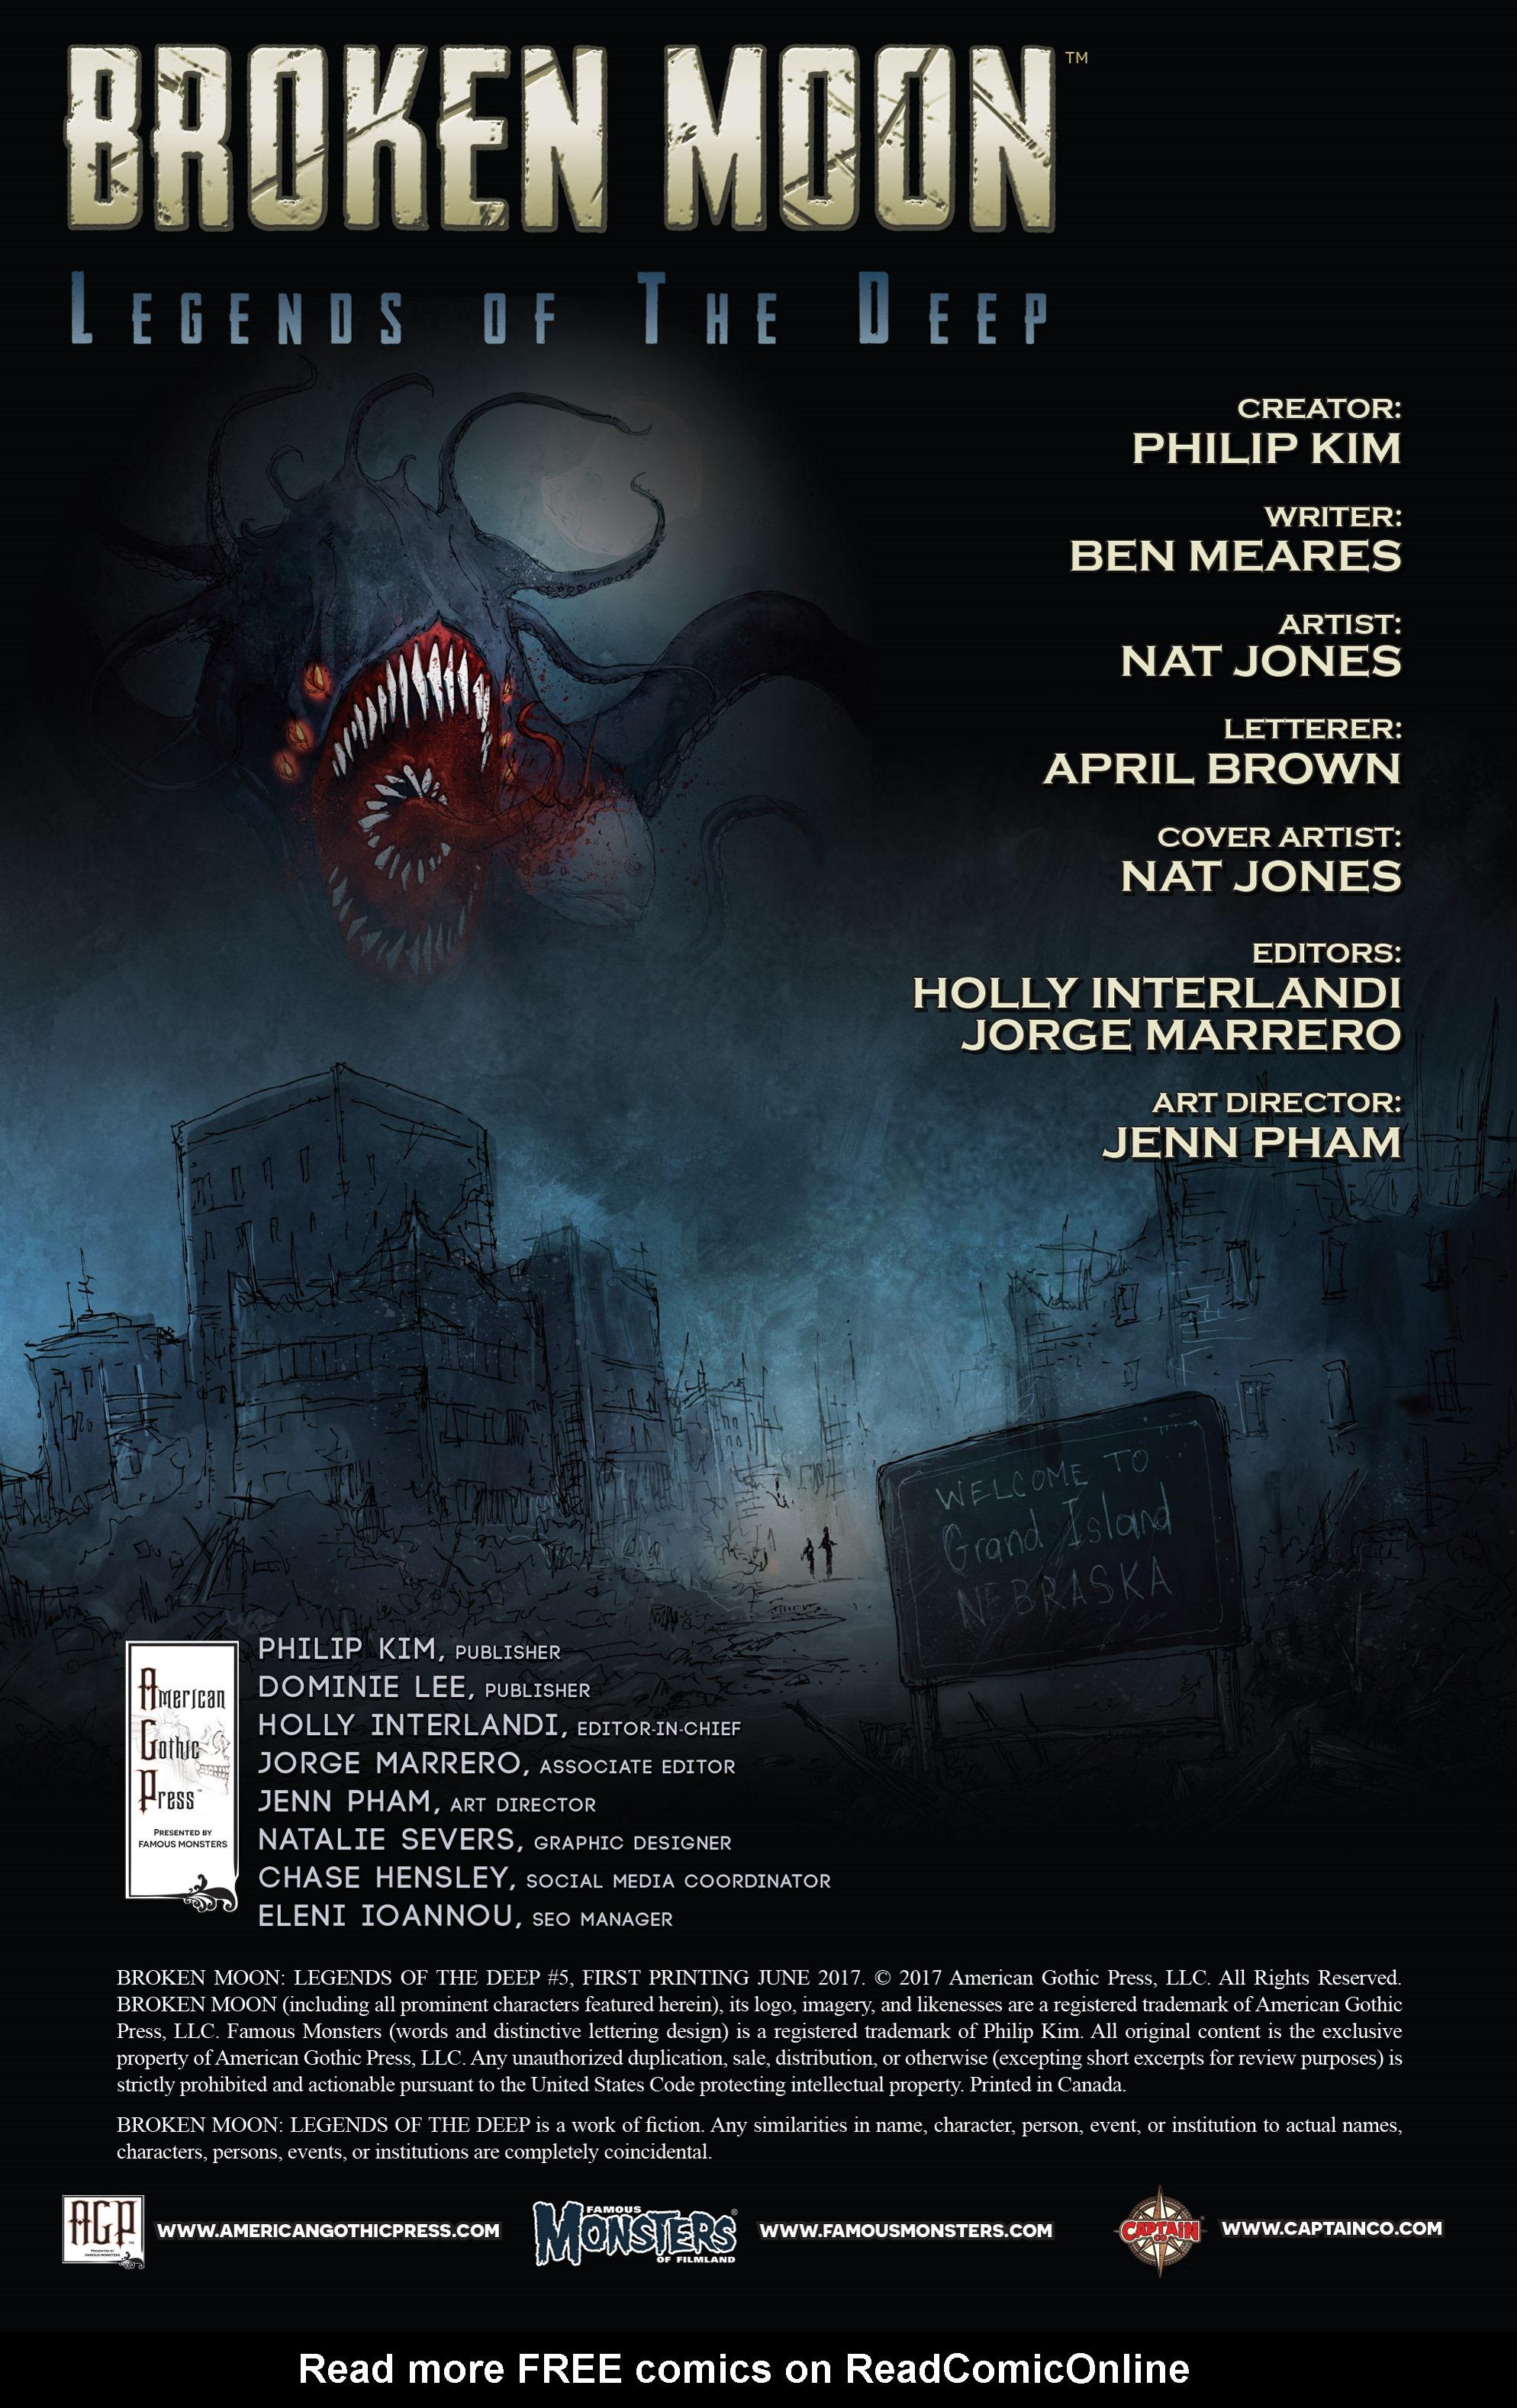 Read online Broken Moon: Legends of the Deep comic -  Issue #5 - 2